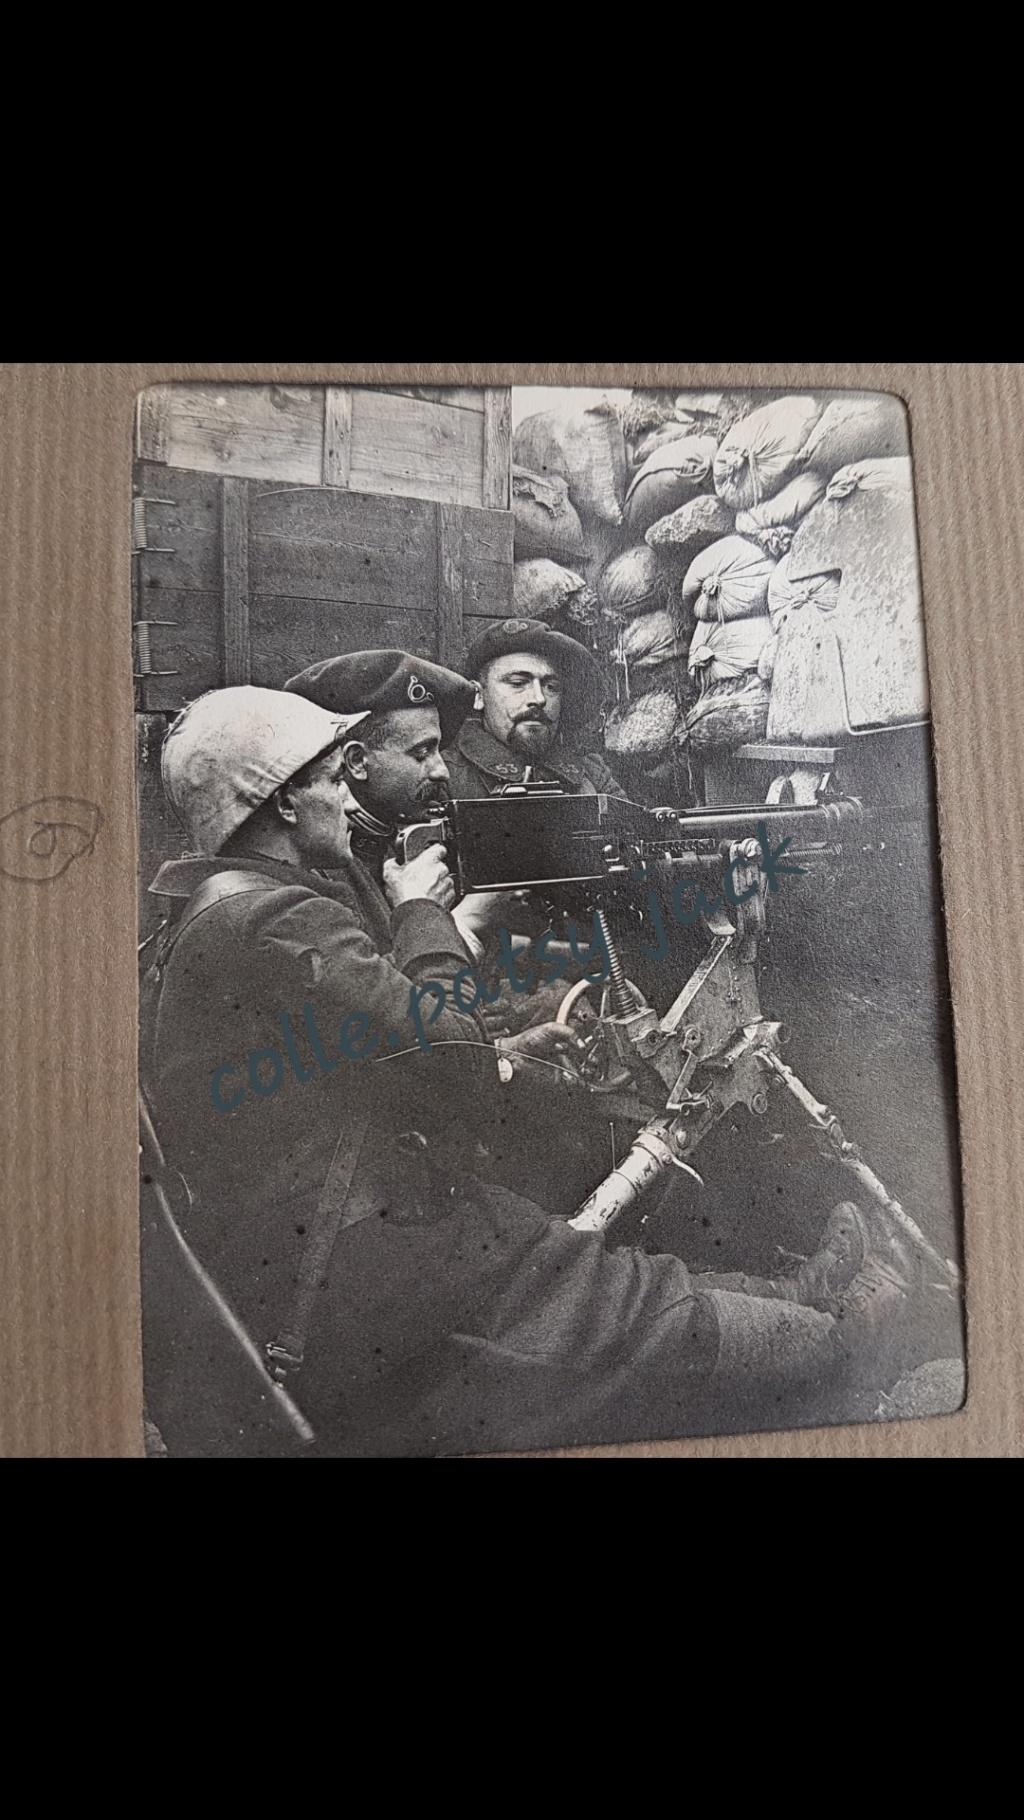 53 BCA au barrenkopf en 1916 20200424